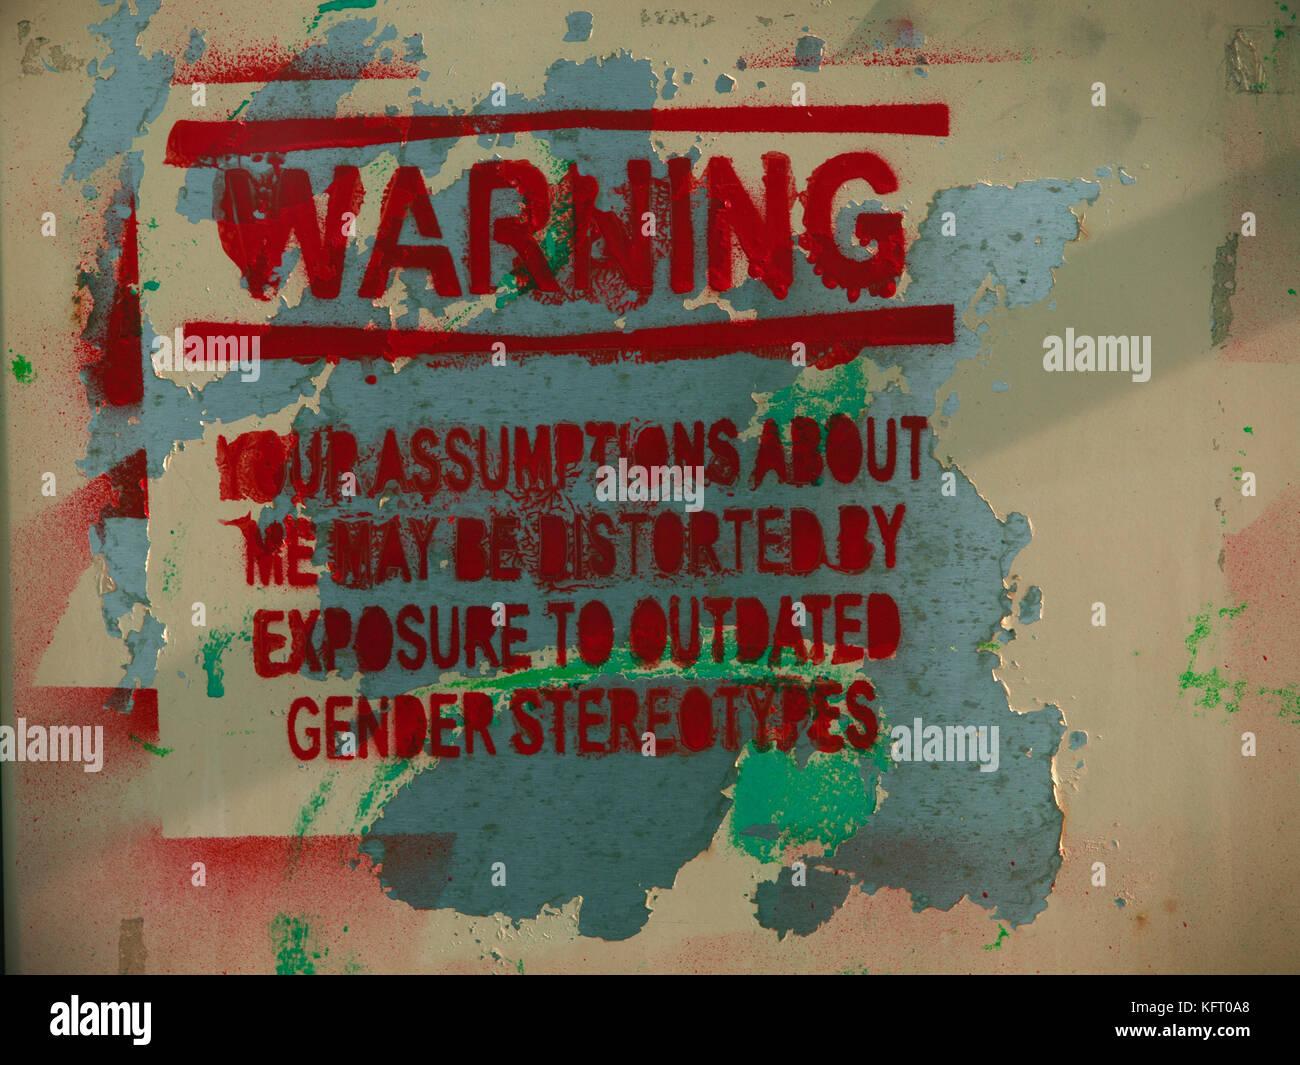 Un mensaje político sobre género, visto en una calle de Brighton Imagen De Stock